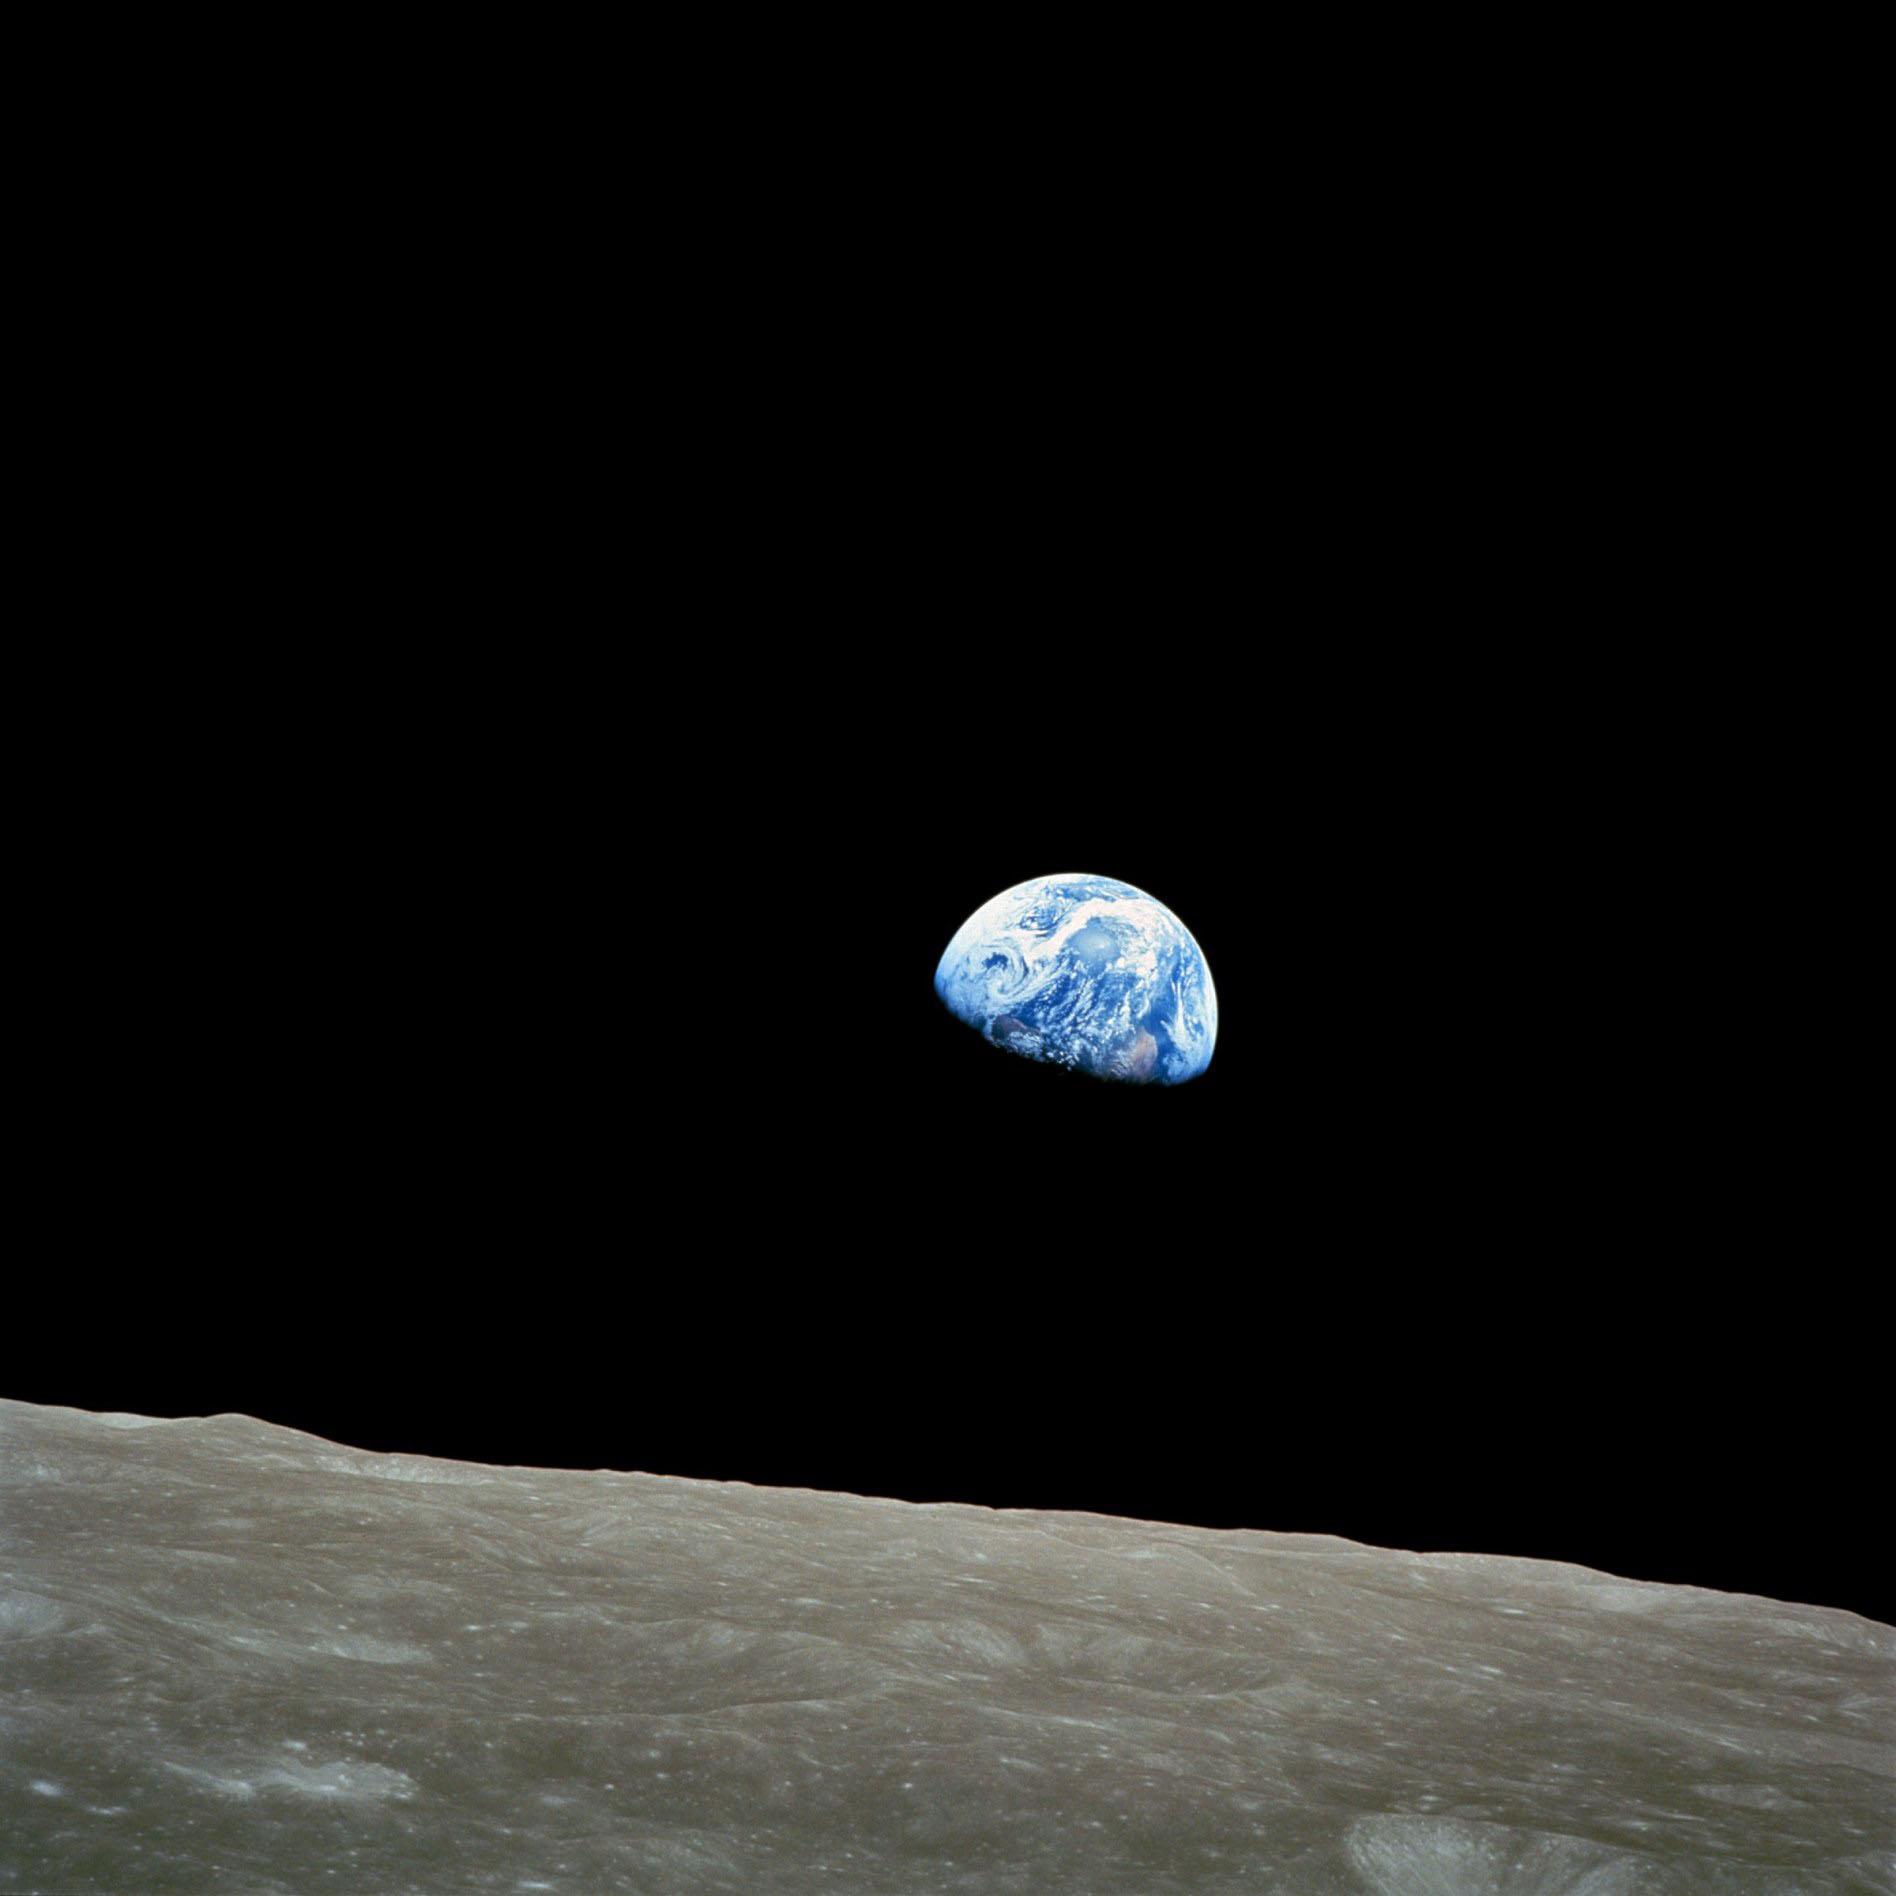 en48-satellites-of-the-terrestrial-planets_10